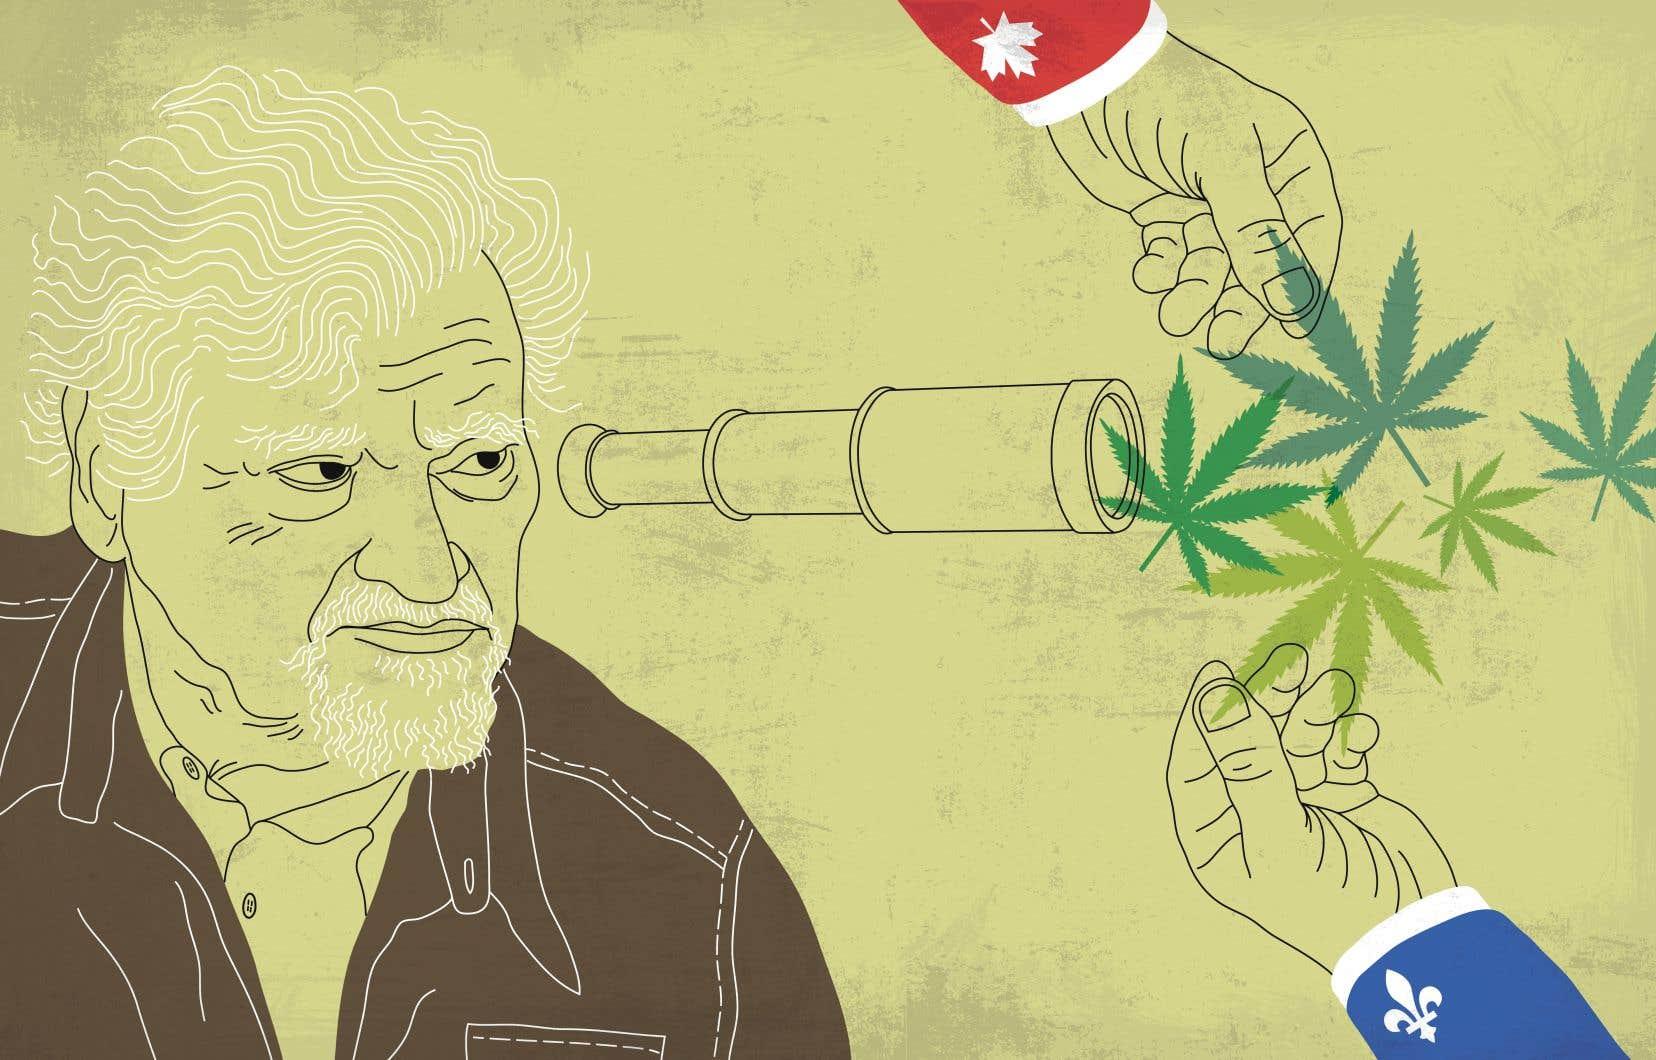 Pour le sociologue américain Joseph R. Gusfield, la consommation de drogues est associée dans l'imaginaire collectif à des segments précis de la population, tandis que le non-usage des drogues est associé à d'autres.